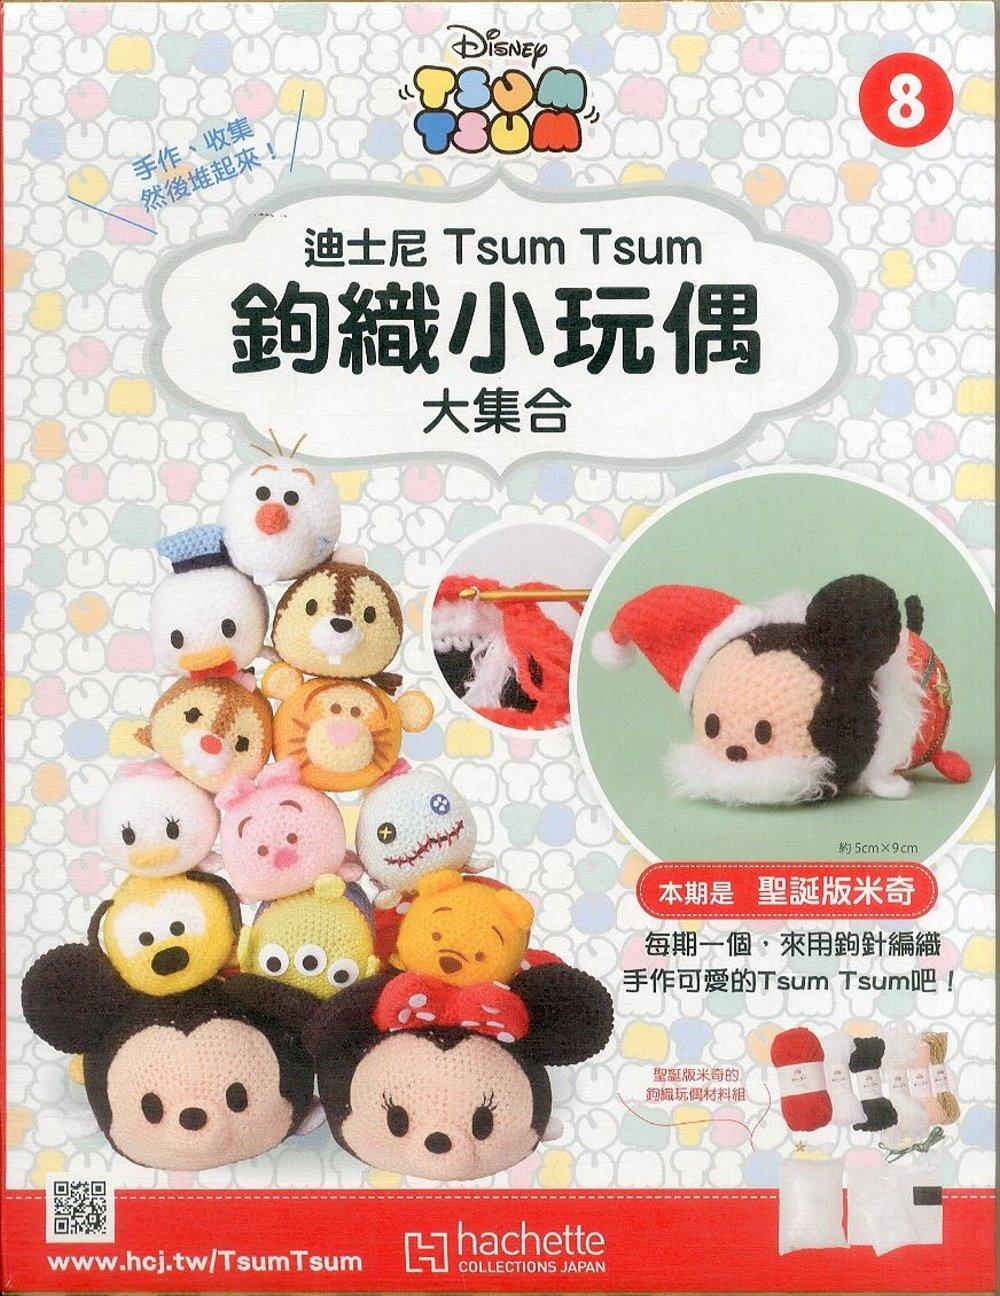 迪士尼TsumTsum 鉤織小玩偶 大集合 2017/12/20第8期